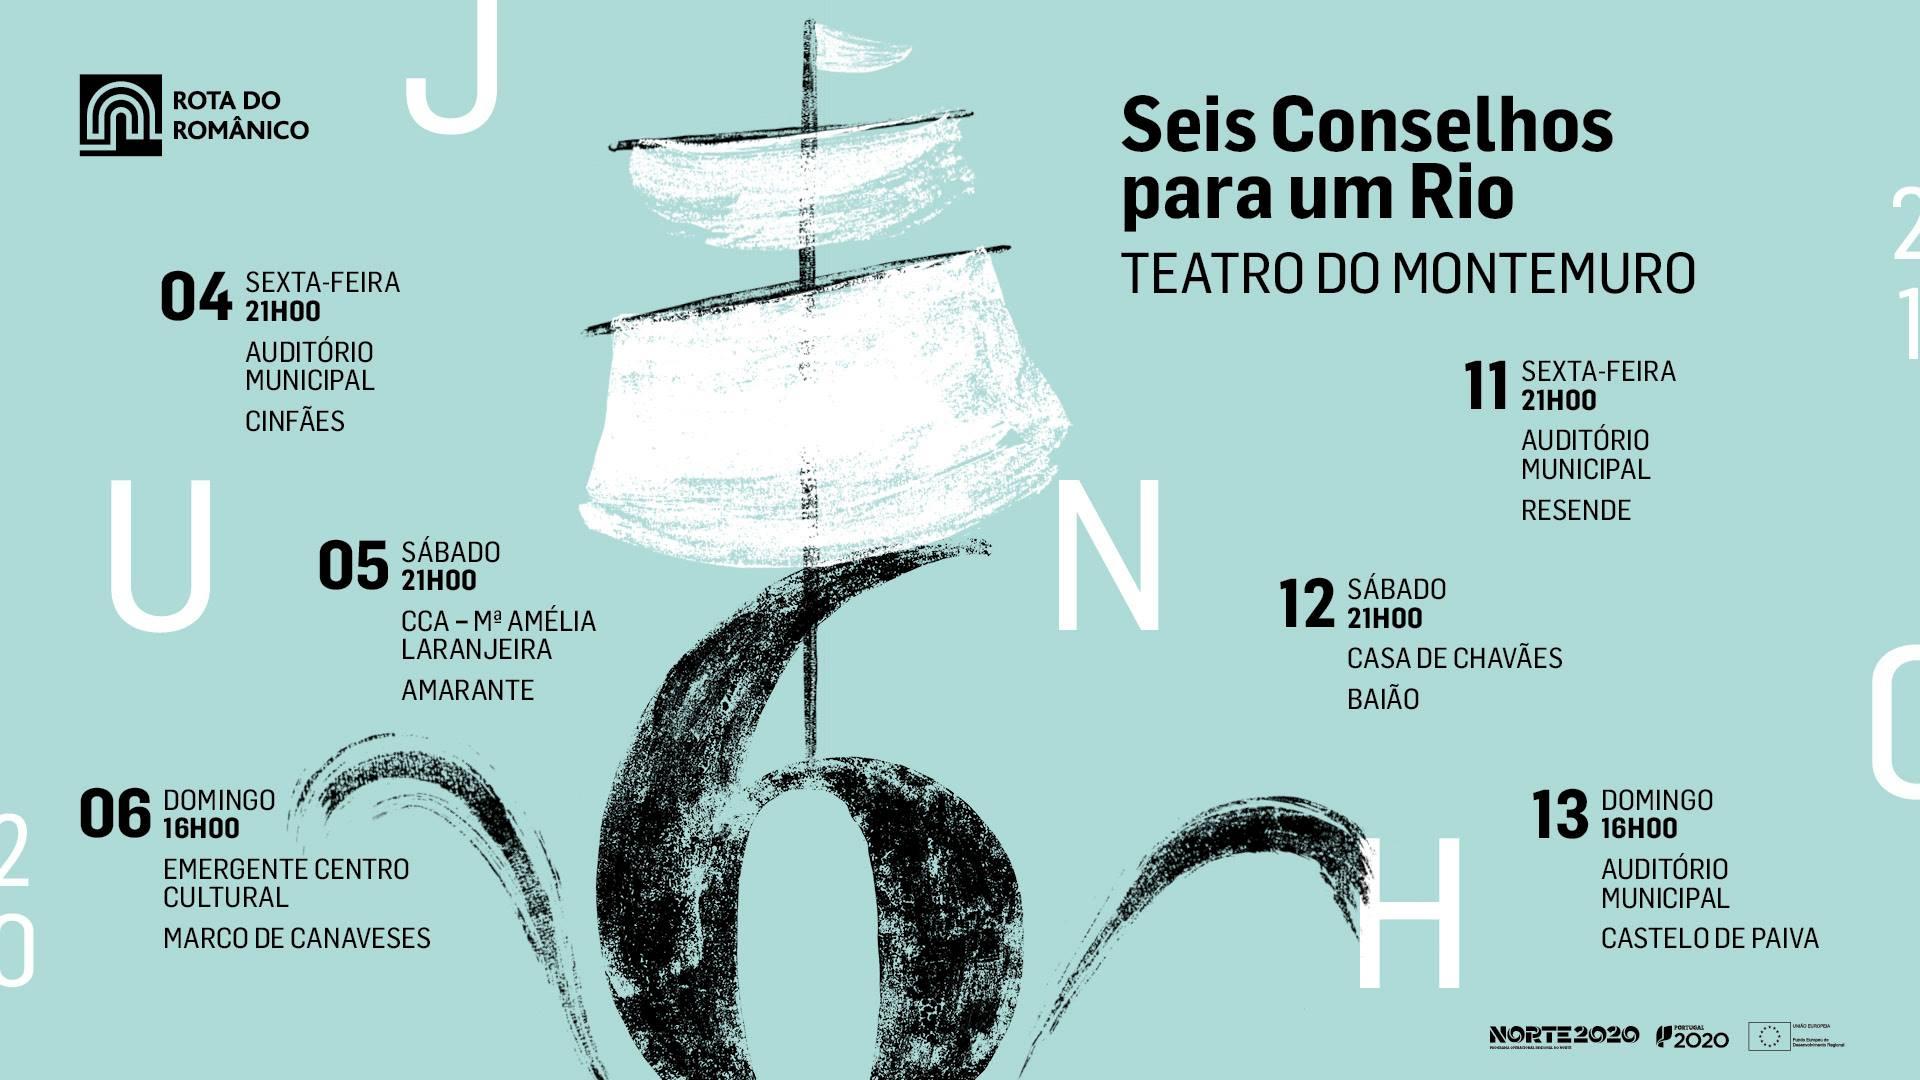 Cinfães   Seis Conselhos para um Rio   Teatro do Montemuro